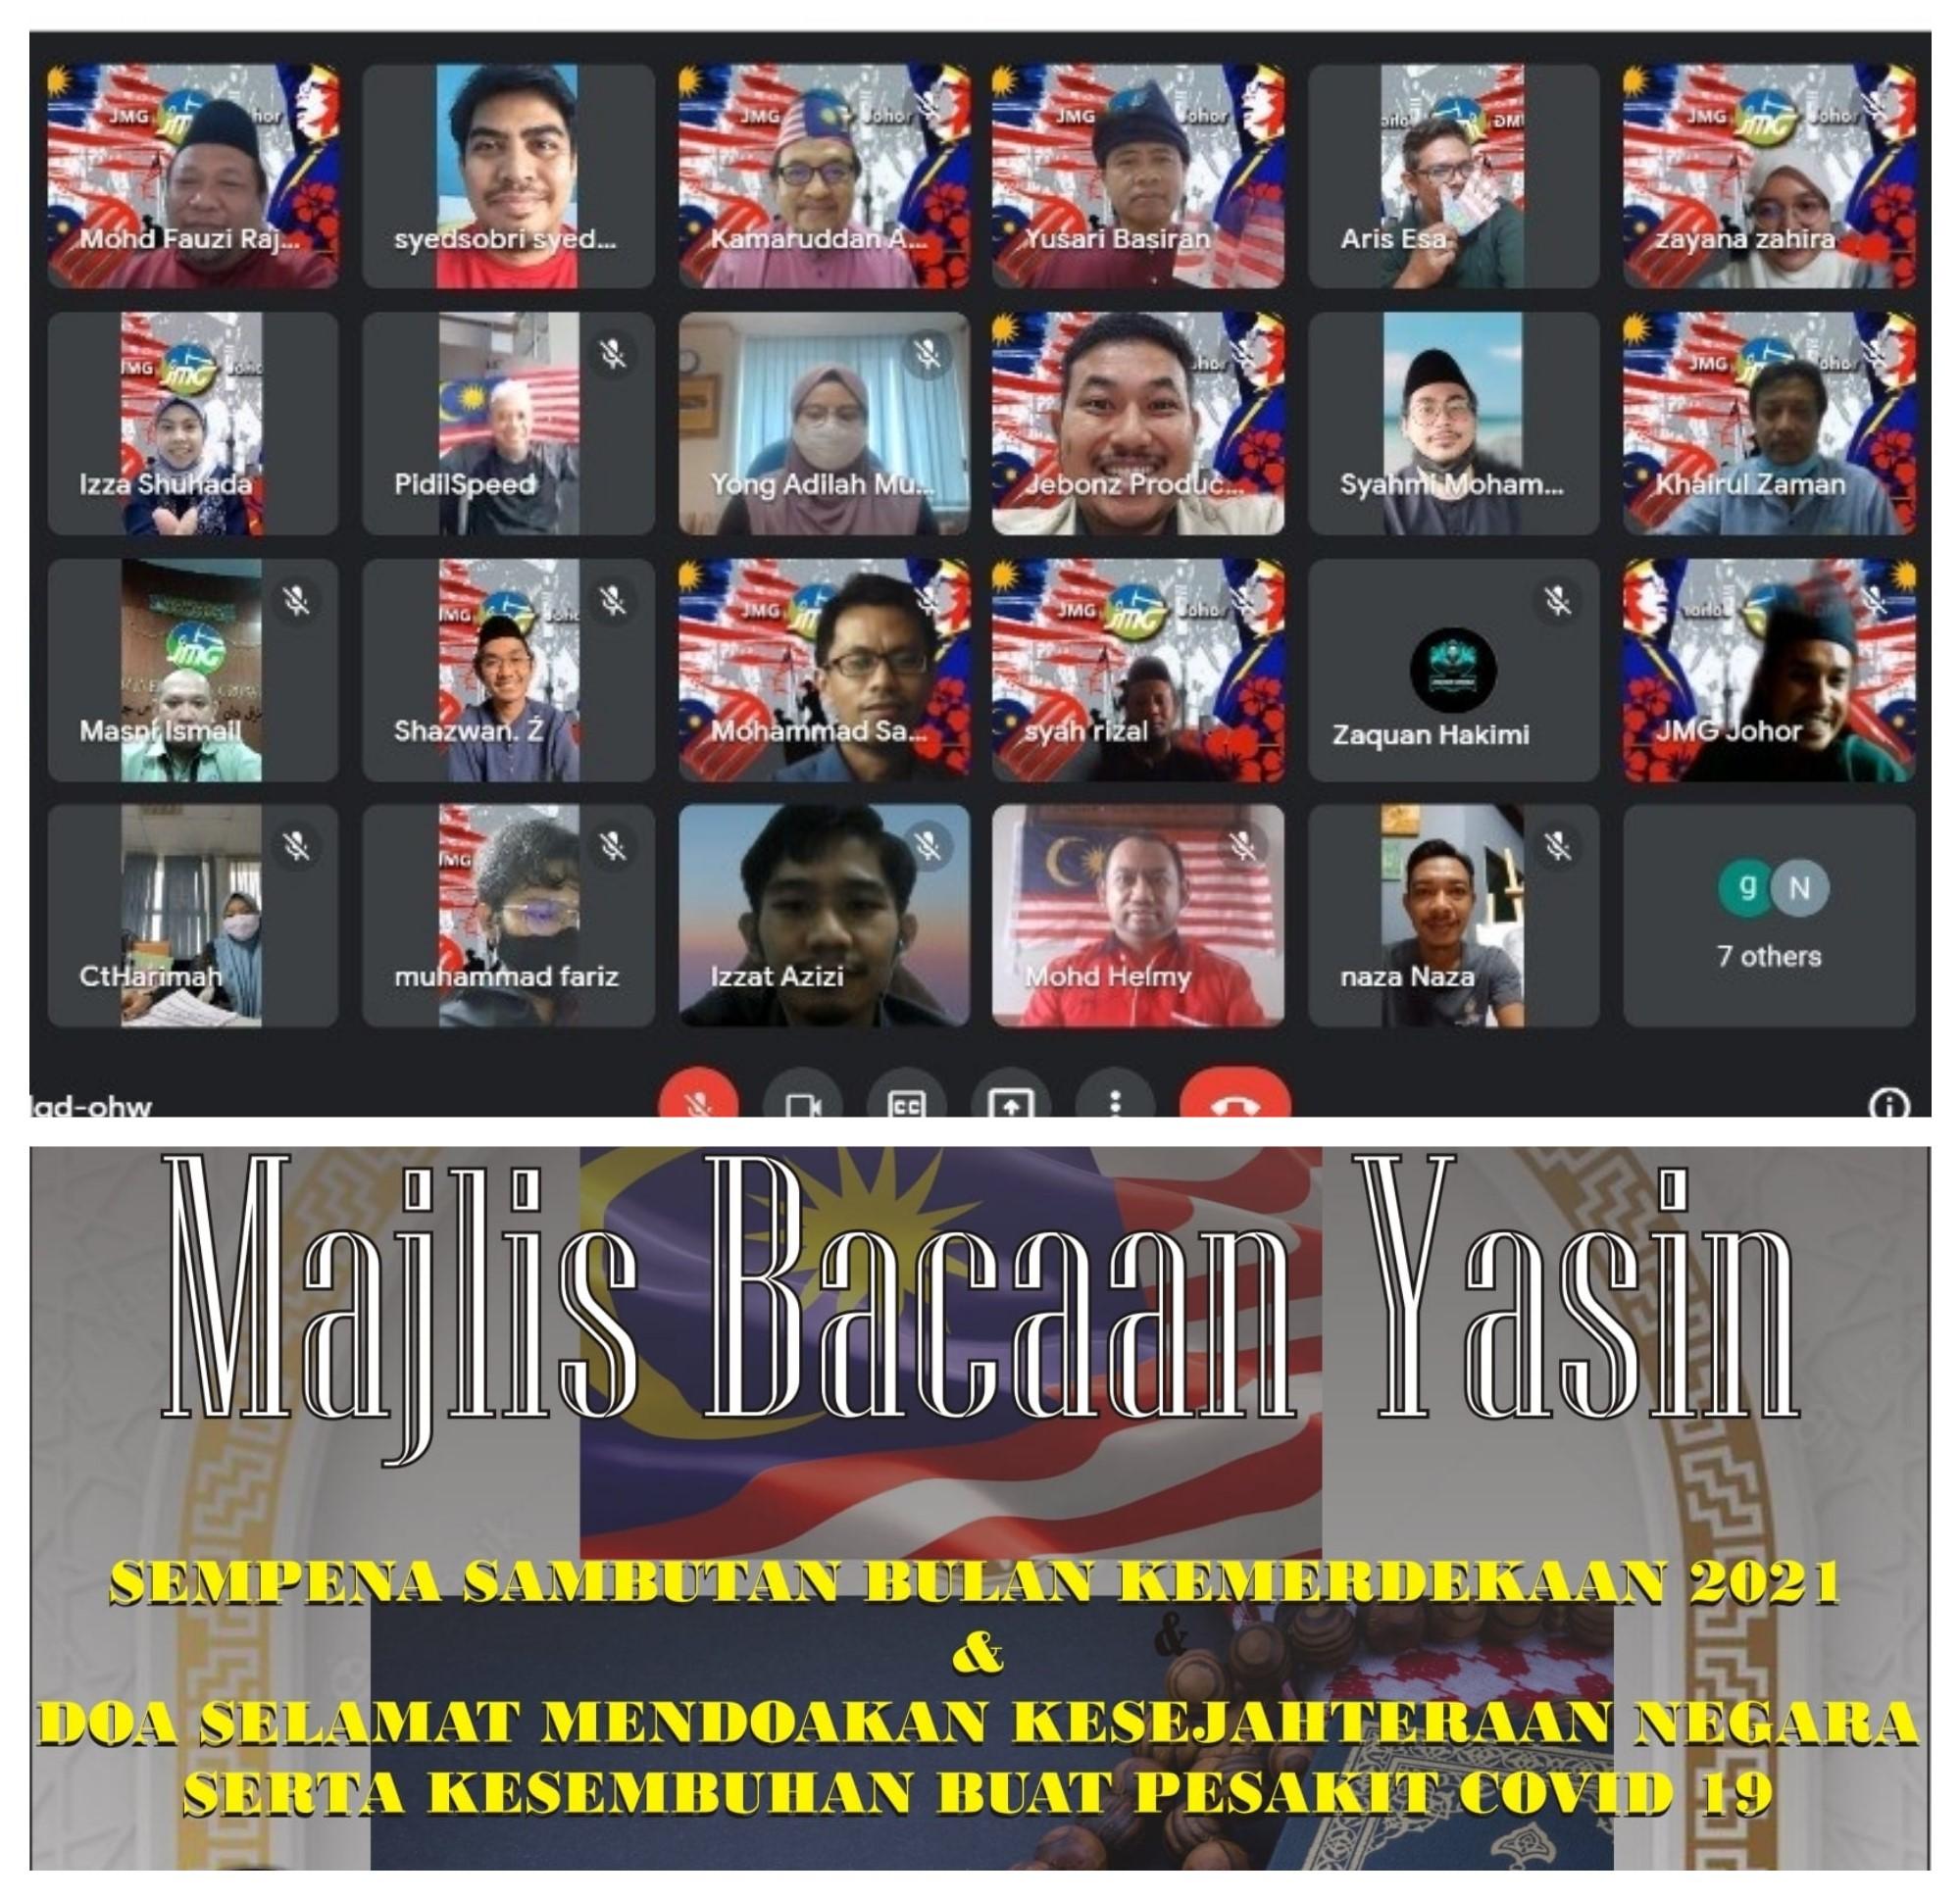 MAJLIS PERHIMPUNAN BULANAN BIL 8/2021 JMG JOHOR DAN MAJLIS BACAAN YASSIN SEMPENA SAMBUTAN BULAN KEMERDEKAAN MALAYSIA 2021